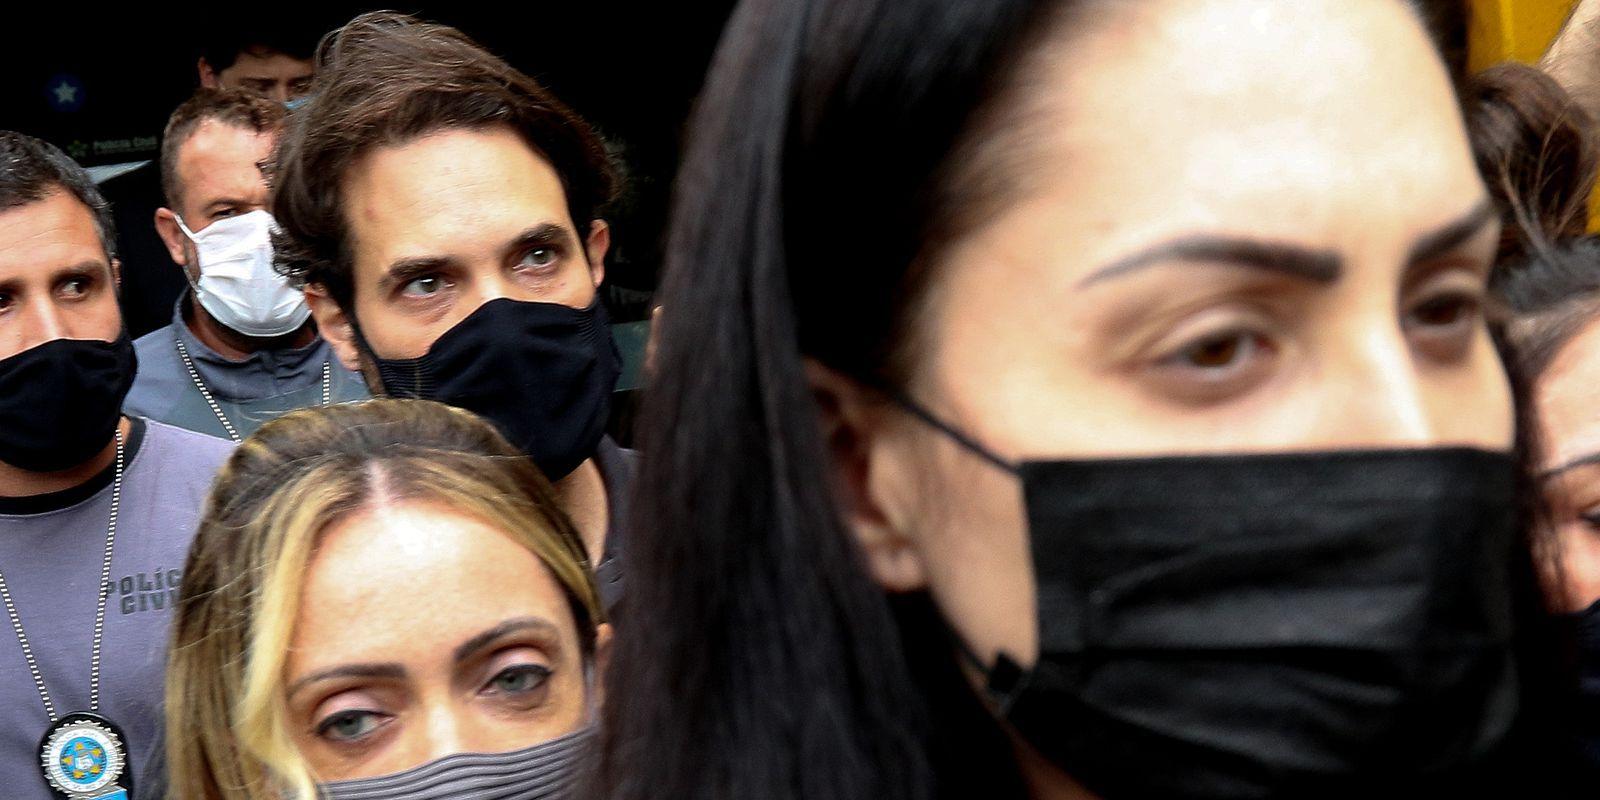 Indiciados pela morte de Henry, Dr. Jairinho e Monique podem pegar 30 anos - Agência Brasil